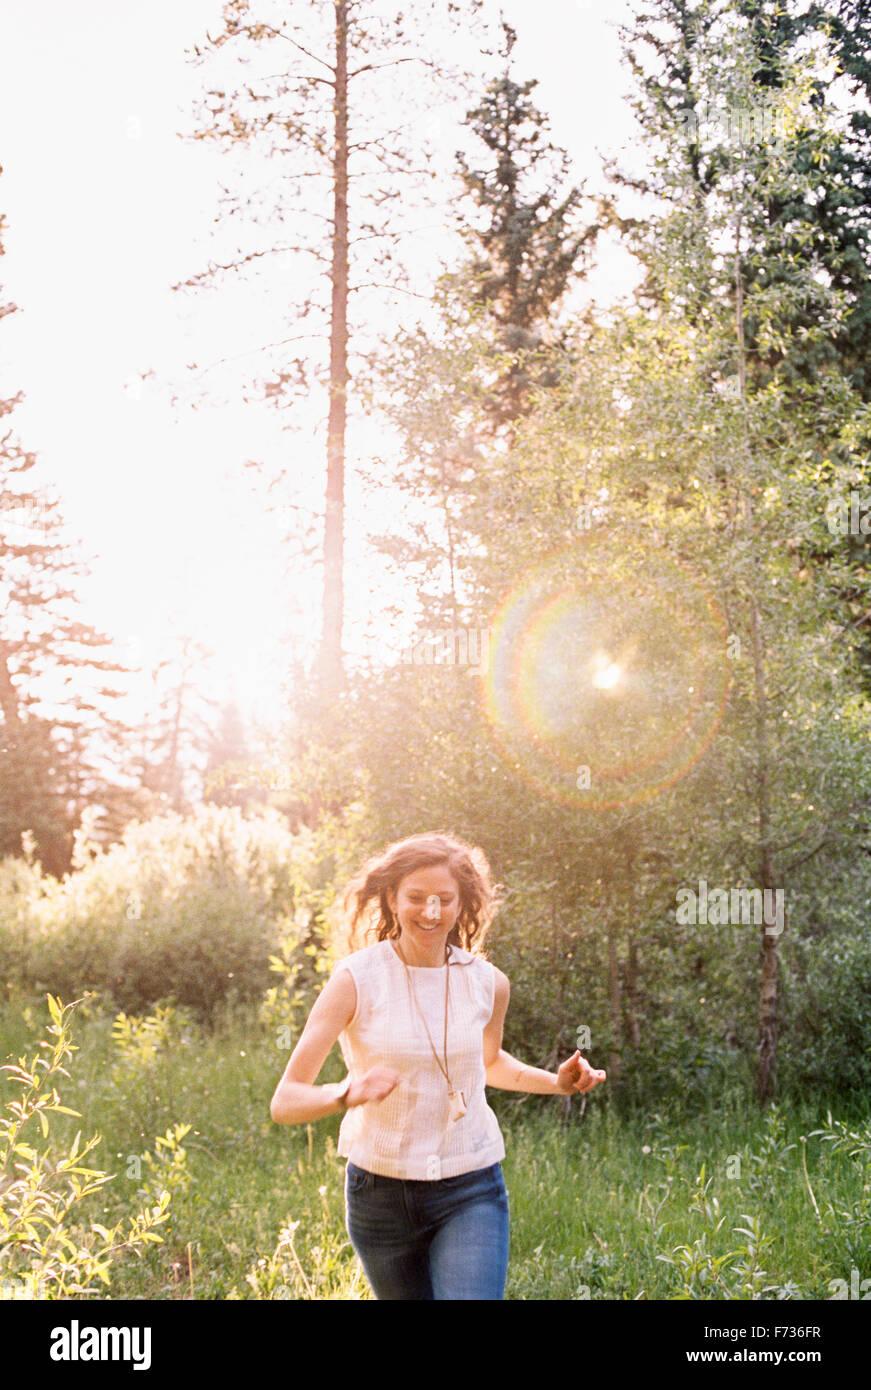 Lächelnde Frau läuft durch einen sonnendurchfluteten Wald. Stockbild